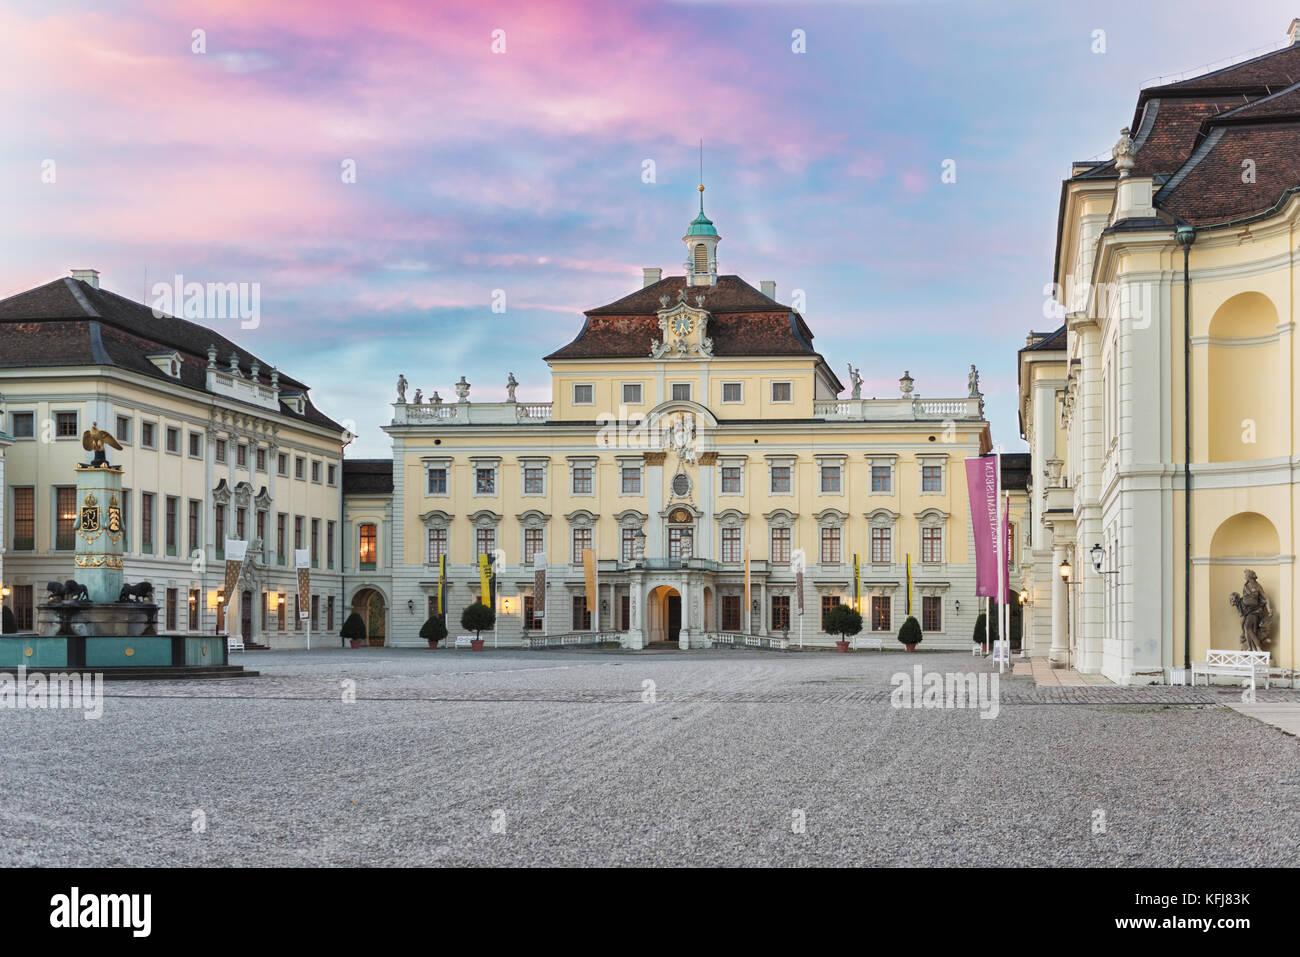 LUDWIGSBURG, Alemania - 25 de octubre de 2017: Durante el ocaso del patio interior del castillo glooms residual Imagen De Stock